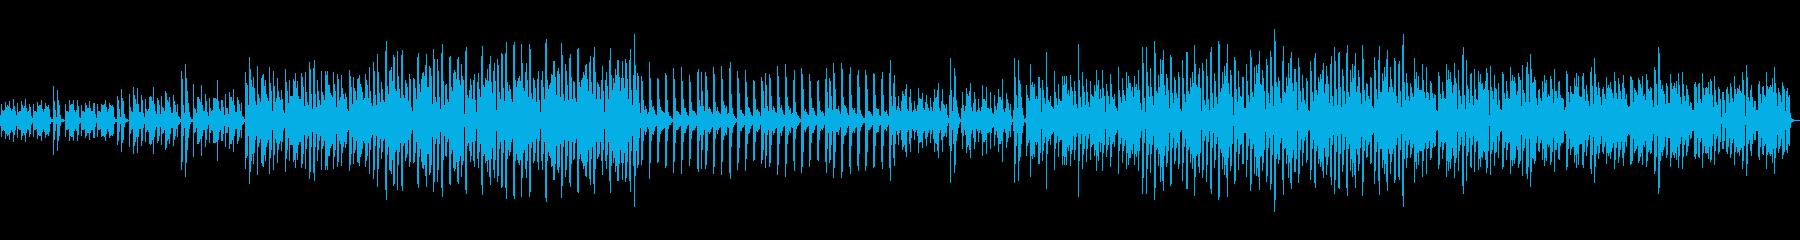 可愛い不思議な変速ビートの電子ピアノの曲の再生済みの波形